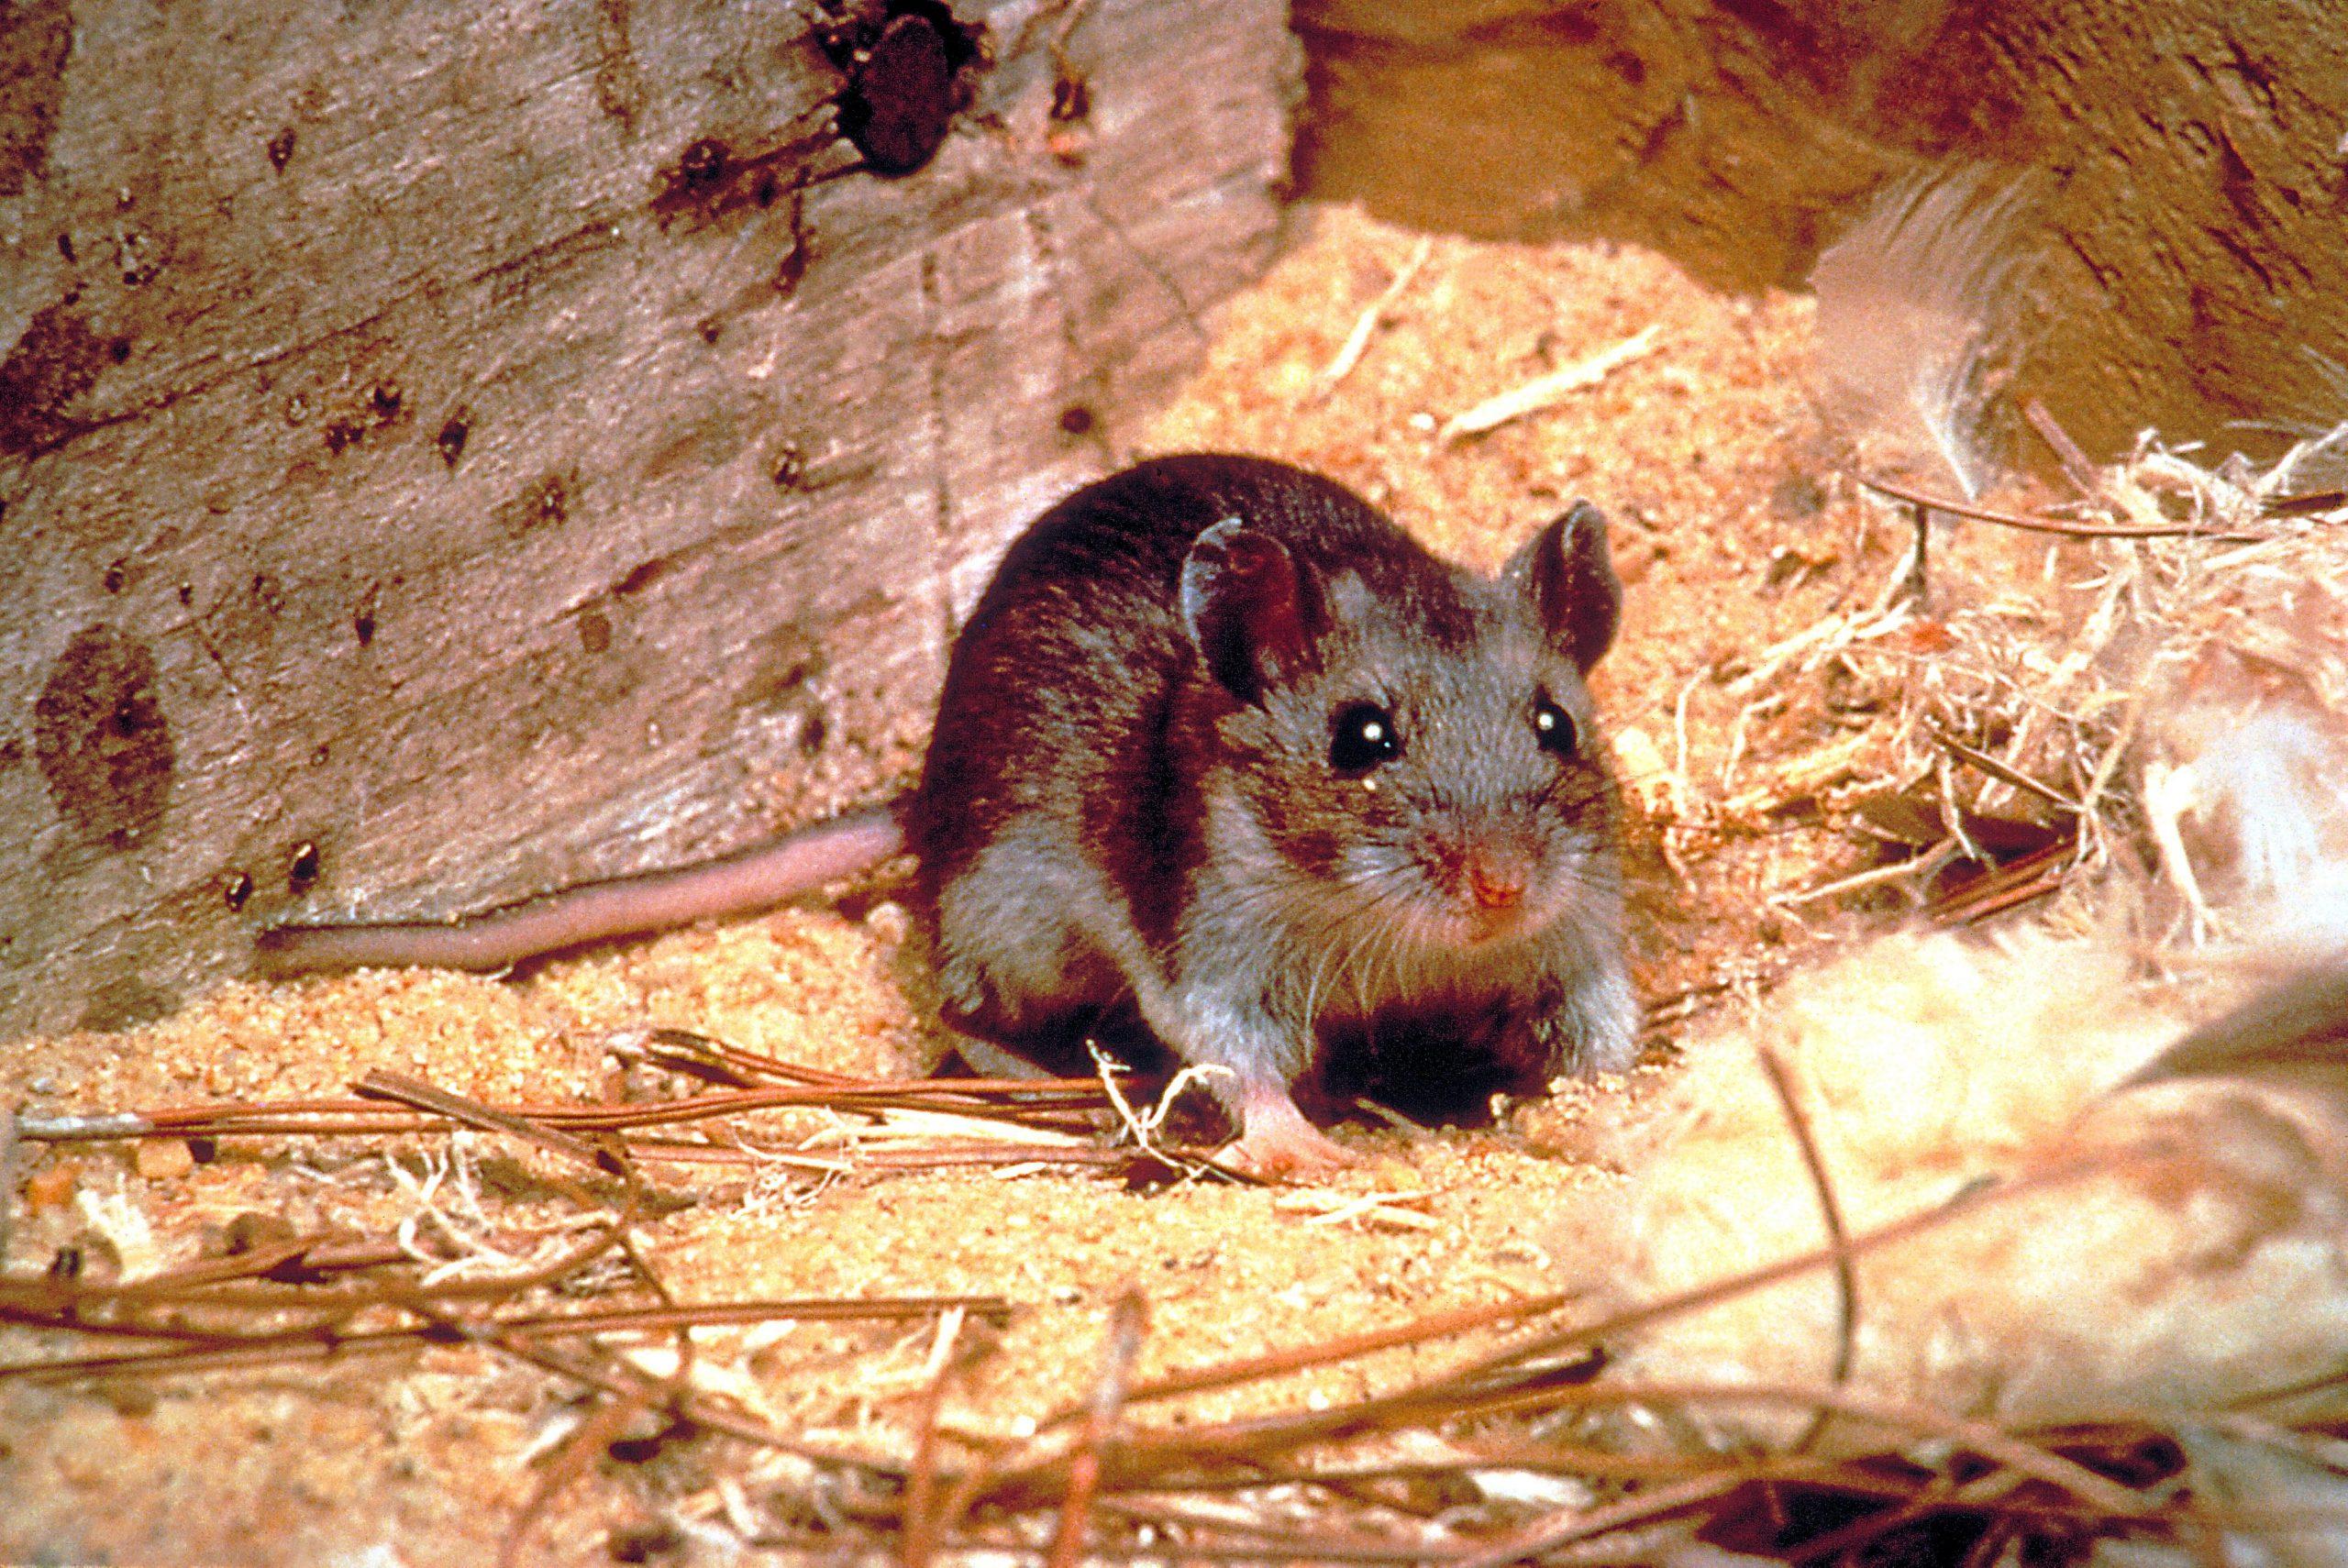 Comment Dératiser Naturellement ? | Ferme Croix concernant Comment Se Débarrasser Des Rats Dans Le Jardin